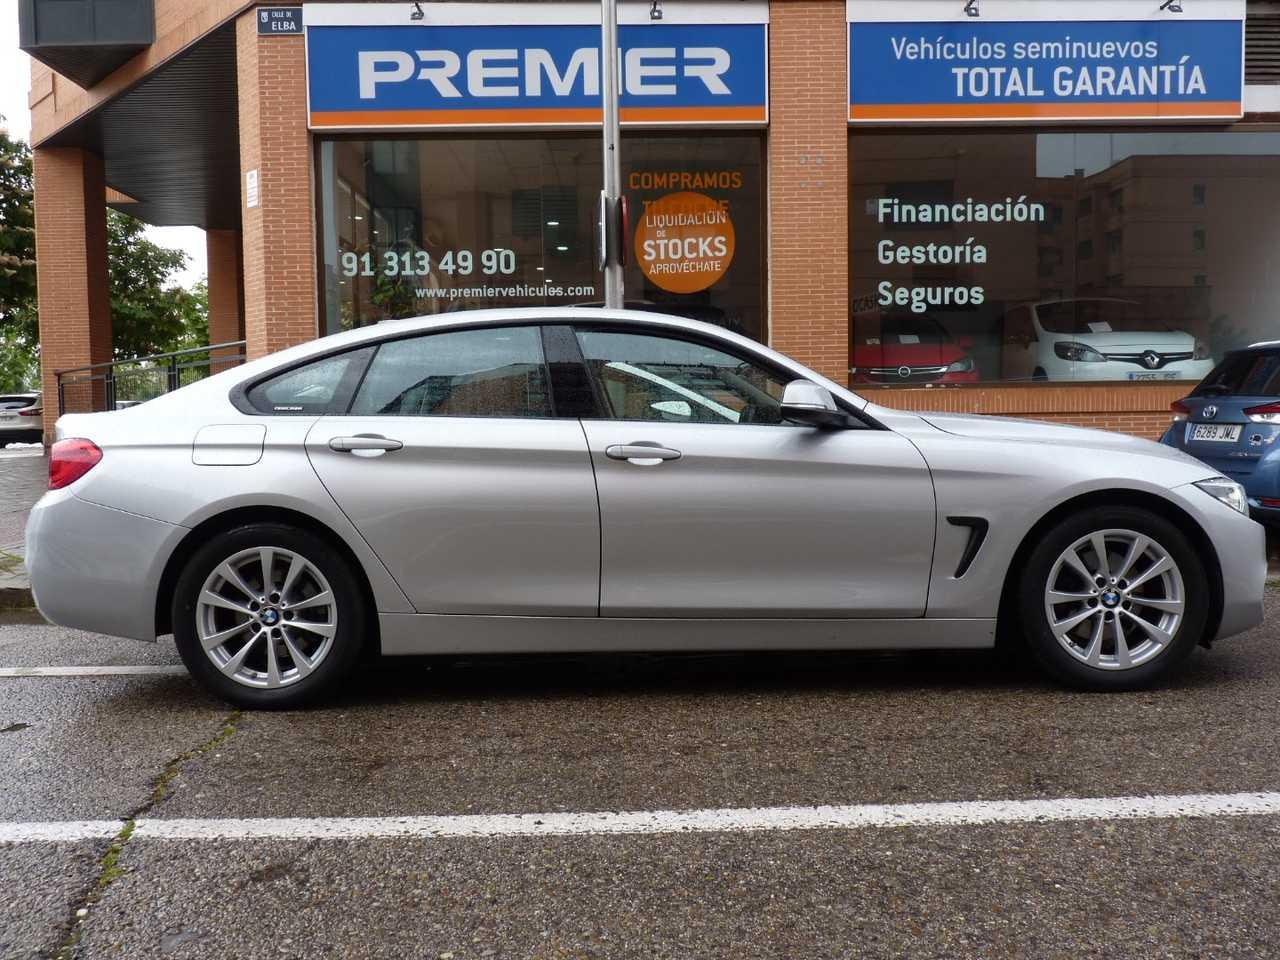 BMW Serie 4 Gran Coupé 420D   - Foto 1